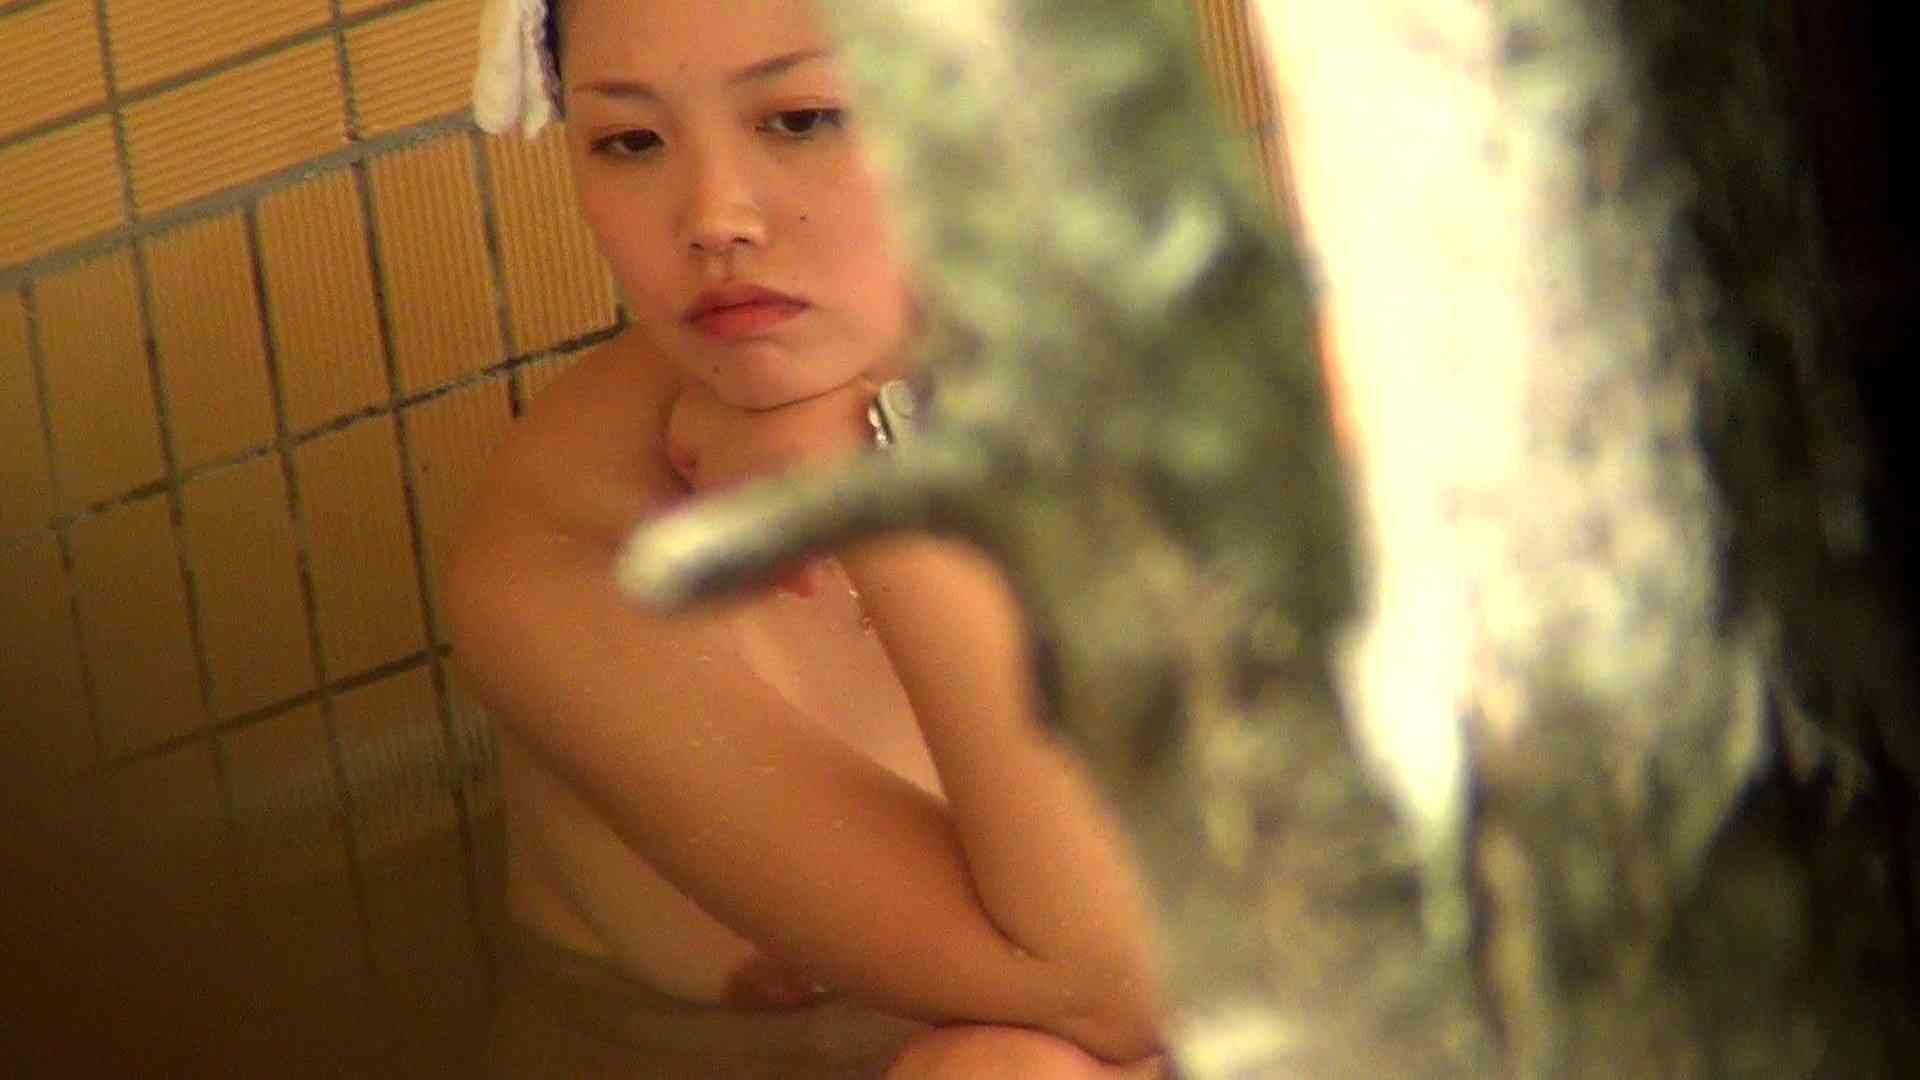 Vol.53 微妙に緩んだ下半身がいい味出してるむっちりお女市さま 美肌   美女H映像  106画像 23